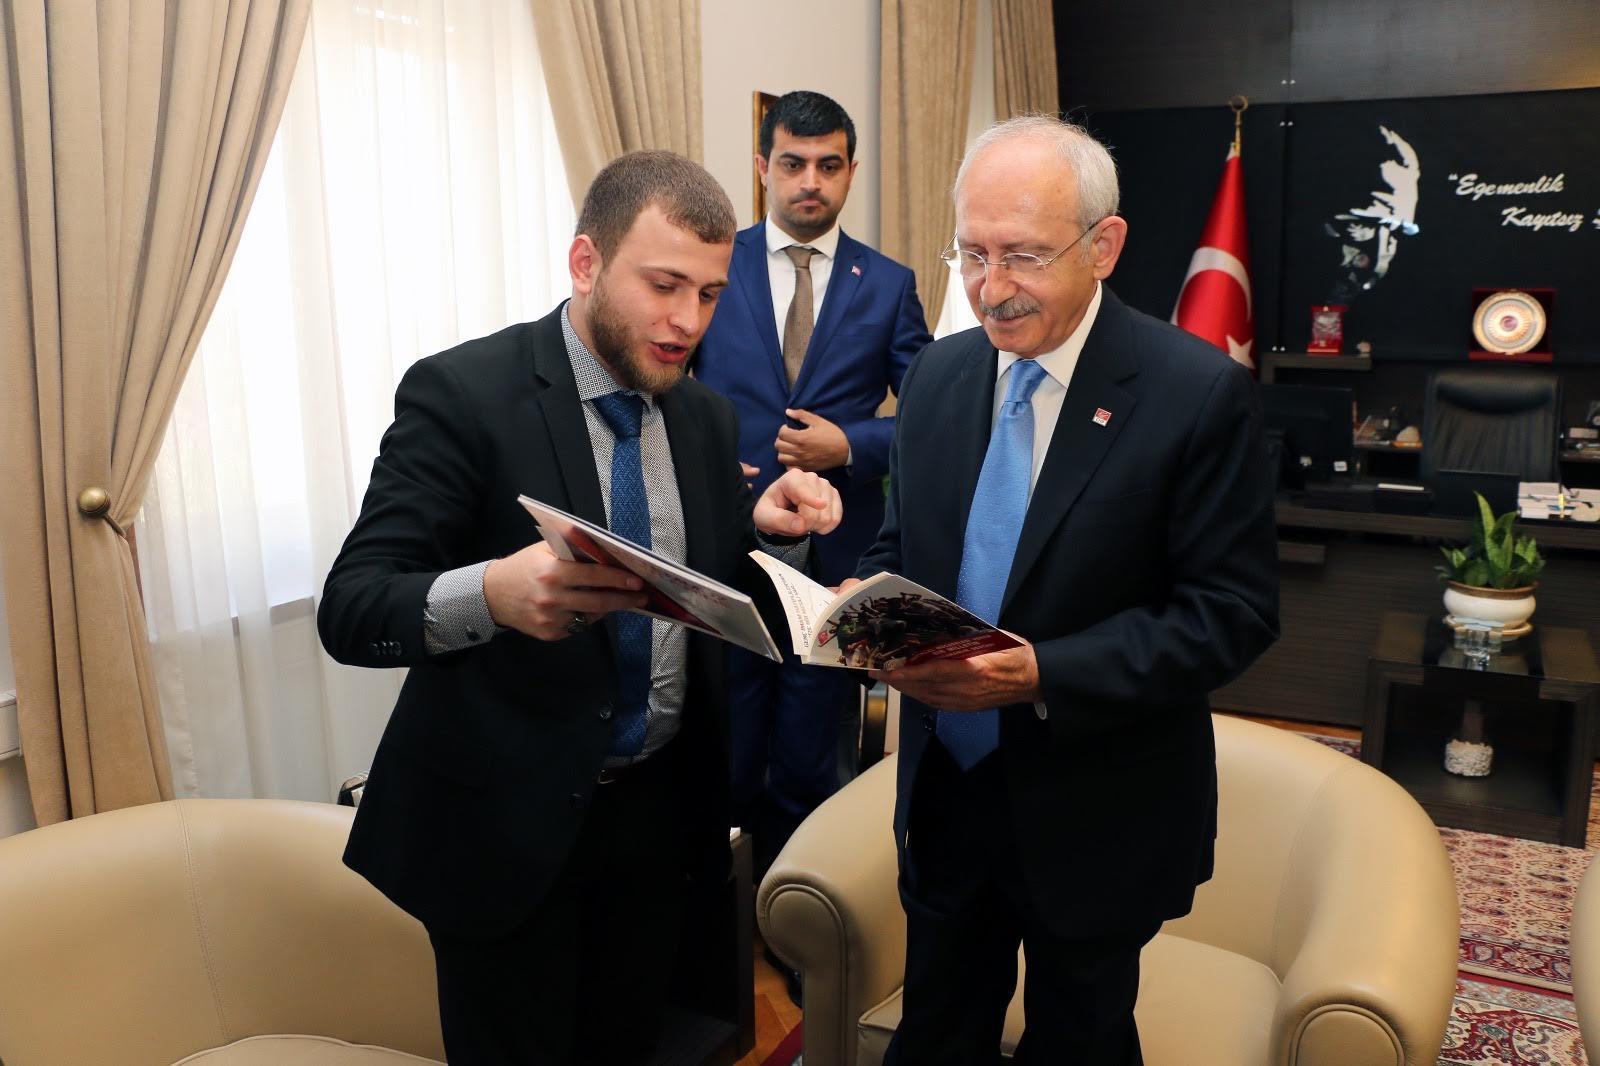 Kılıçdaroğlu, Genç İmam Hatipliler için bir kütüphane yaptıracak